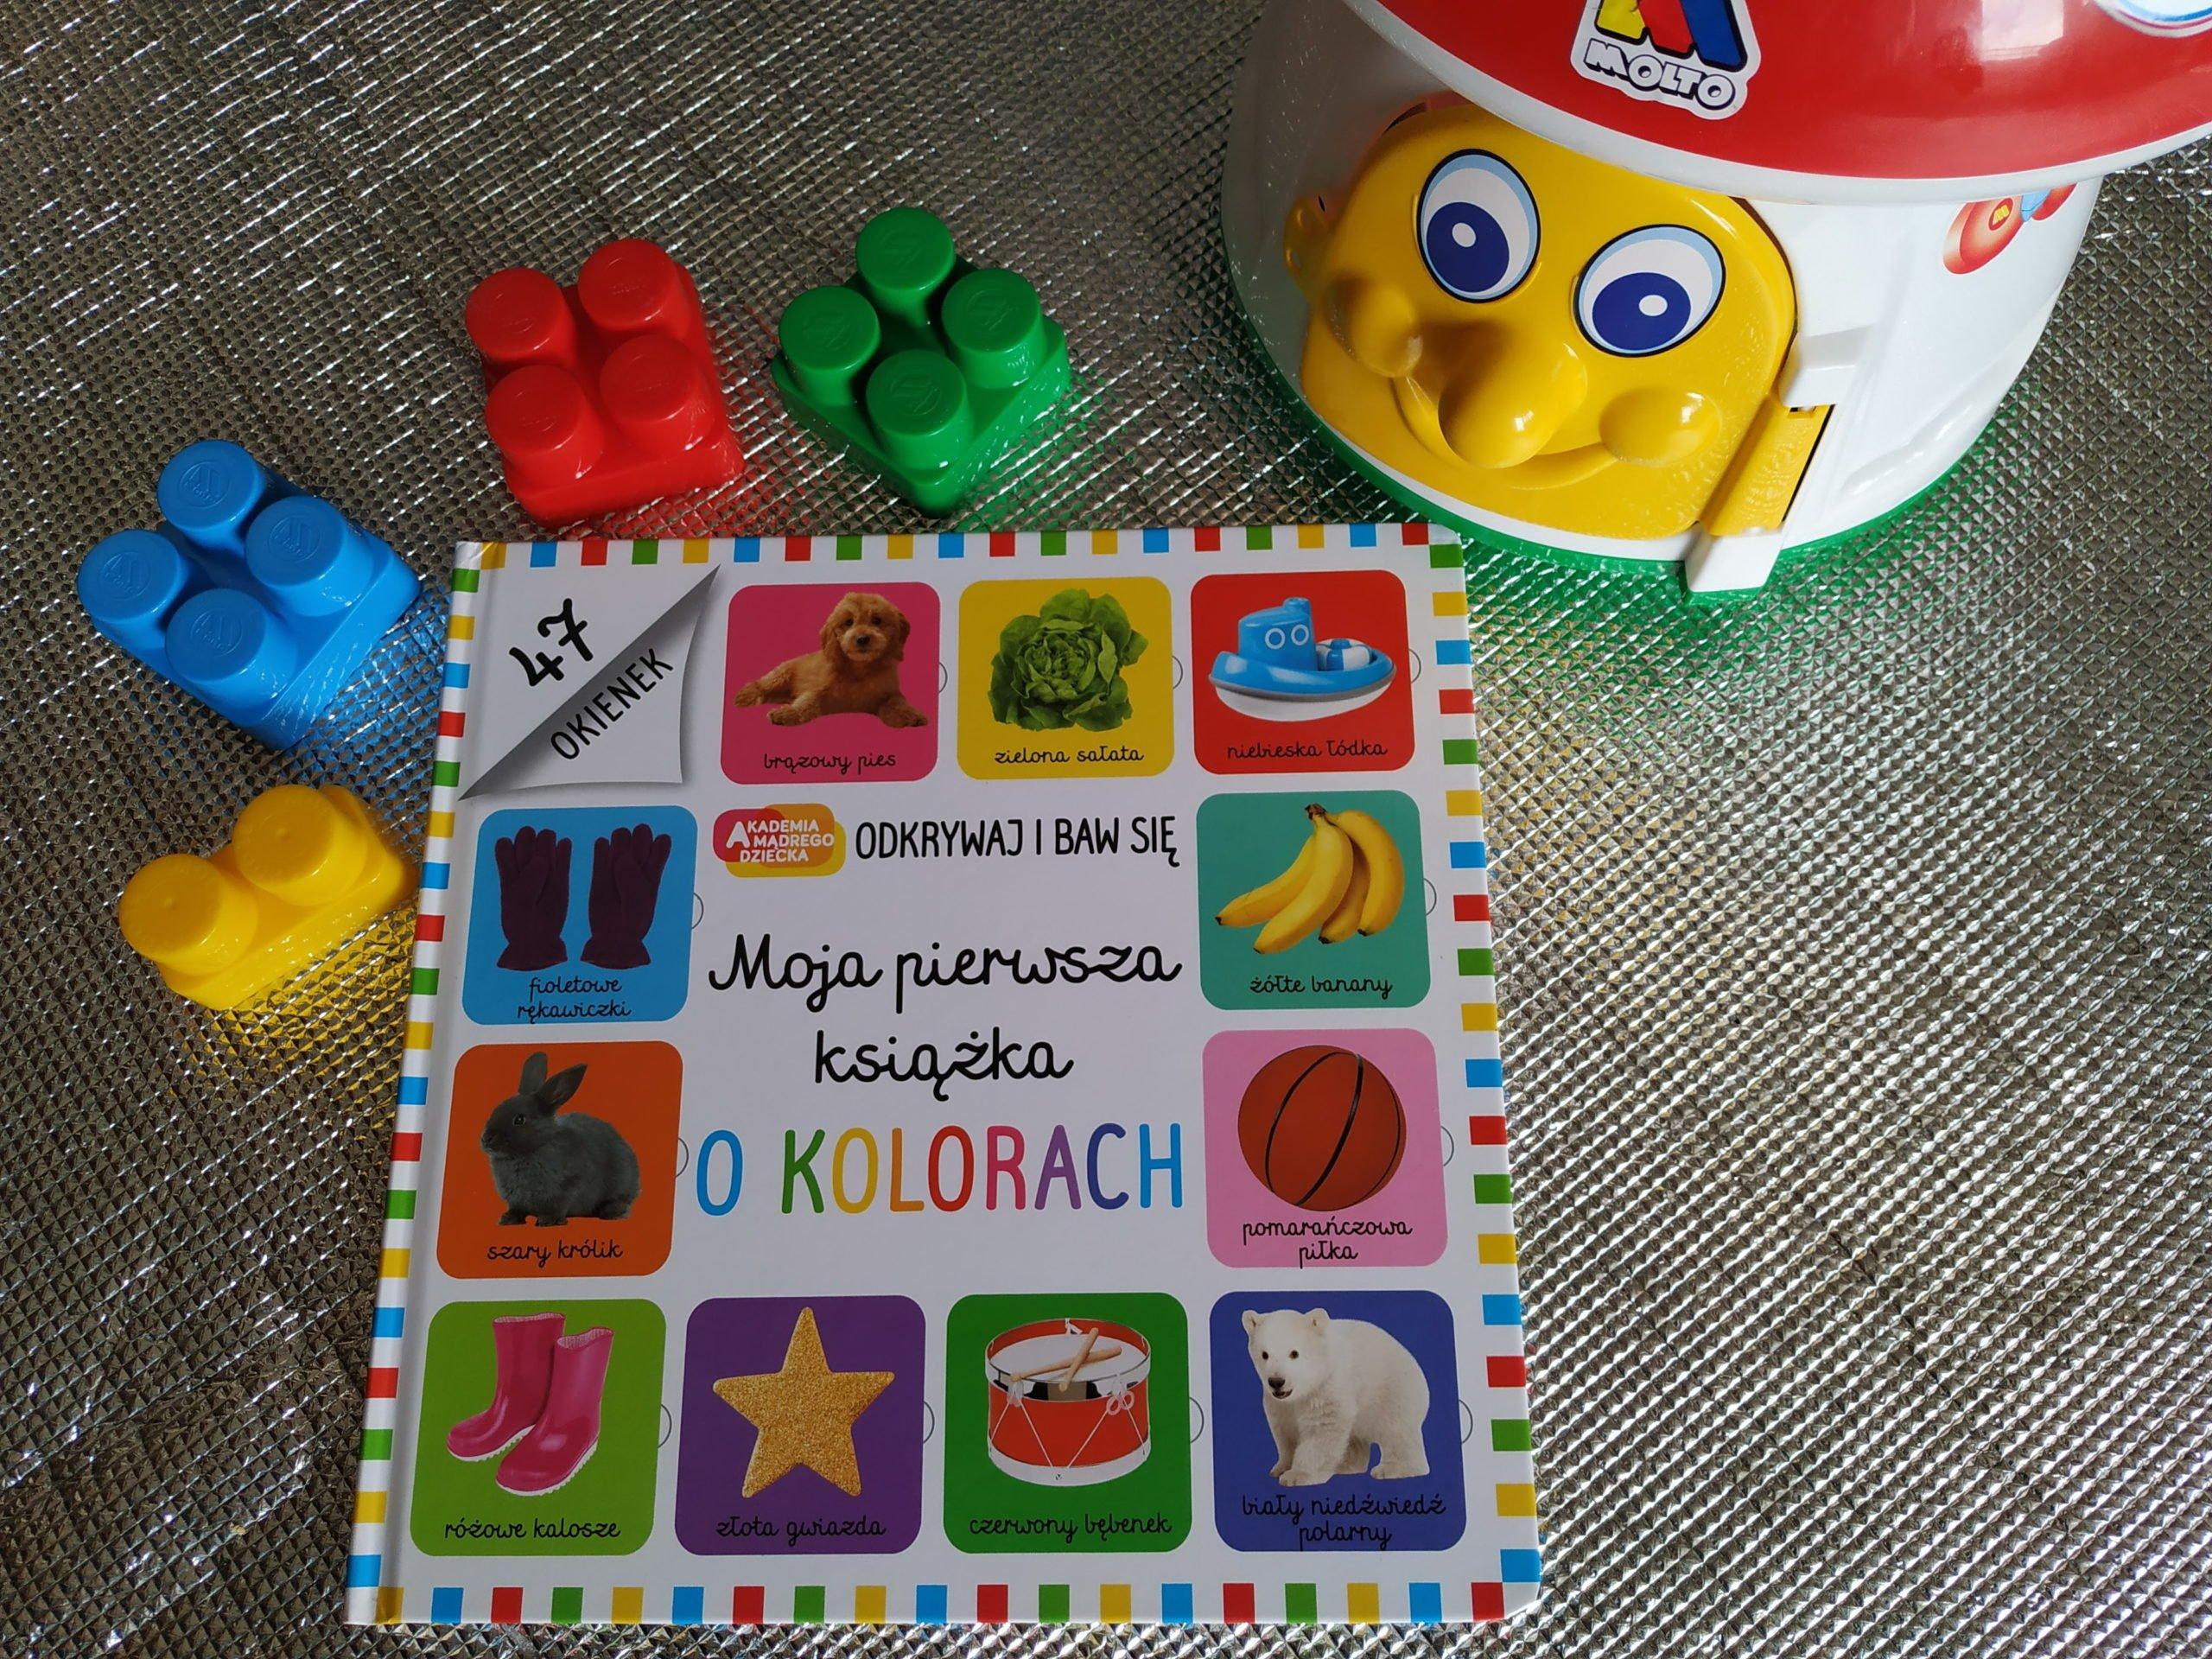 Recenzja Mojej pierwszej książki o kolorach dla dzieci